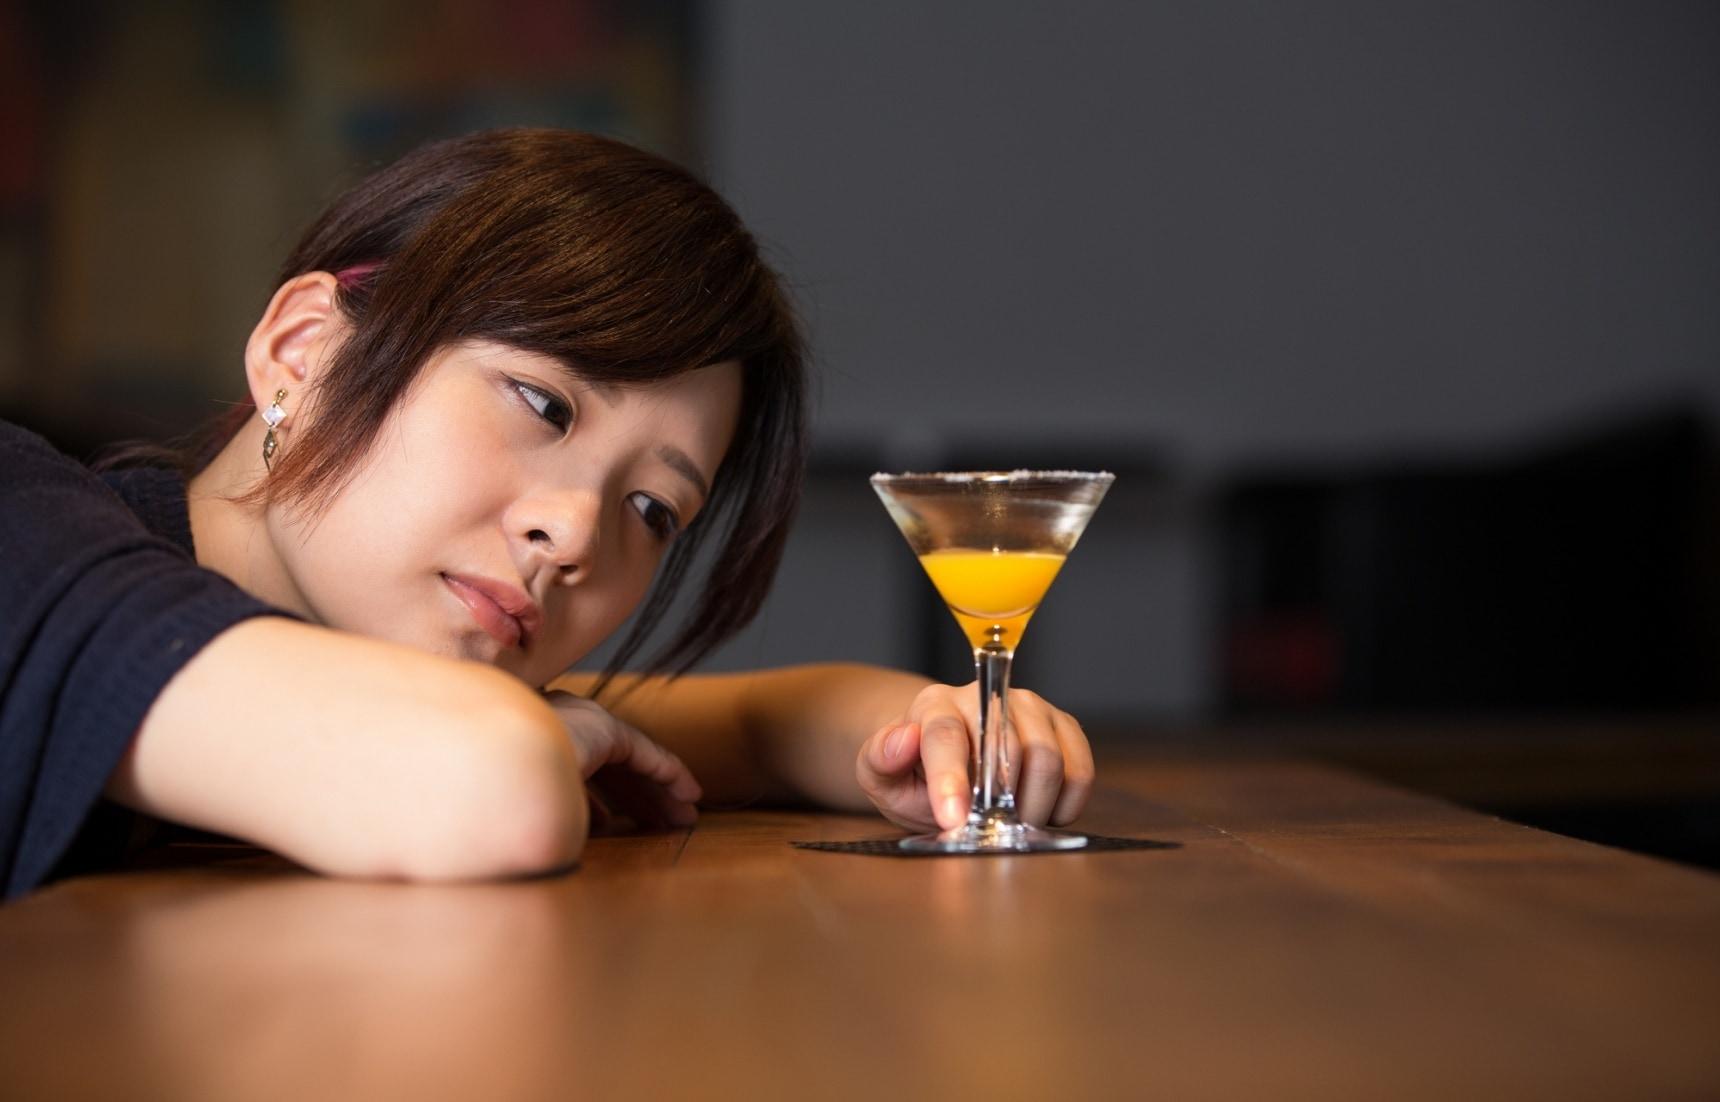 술 안마시는 당신을 위한 도쿄에서의 화끈한 밤